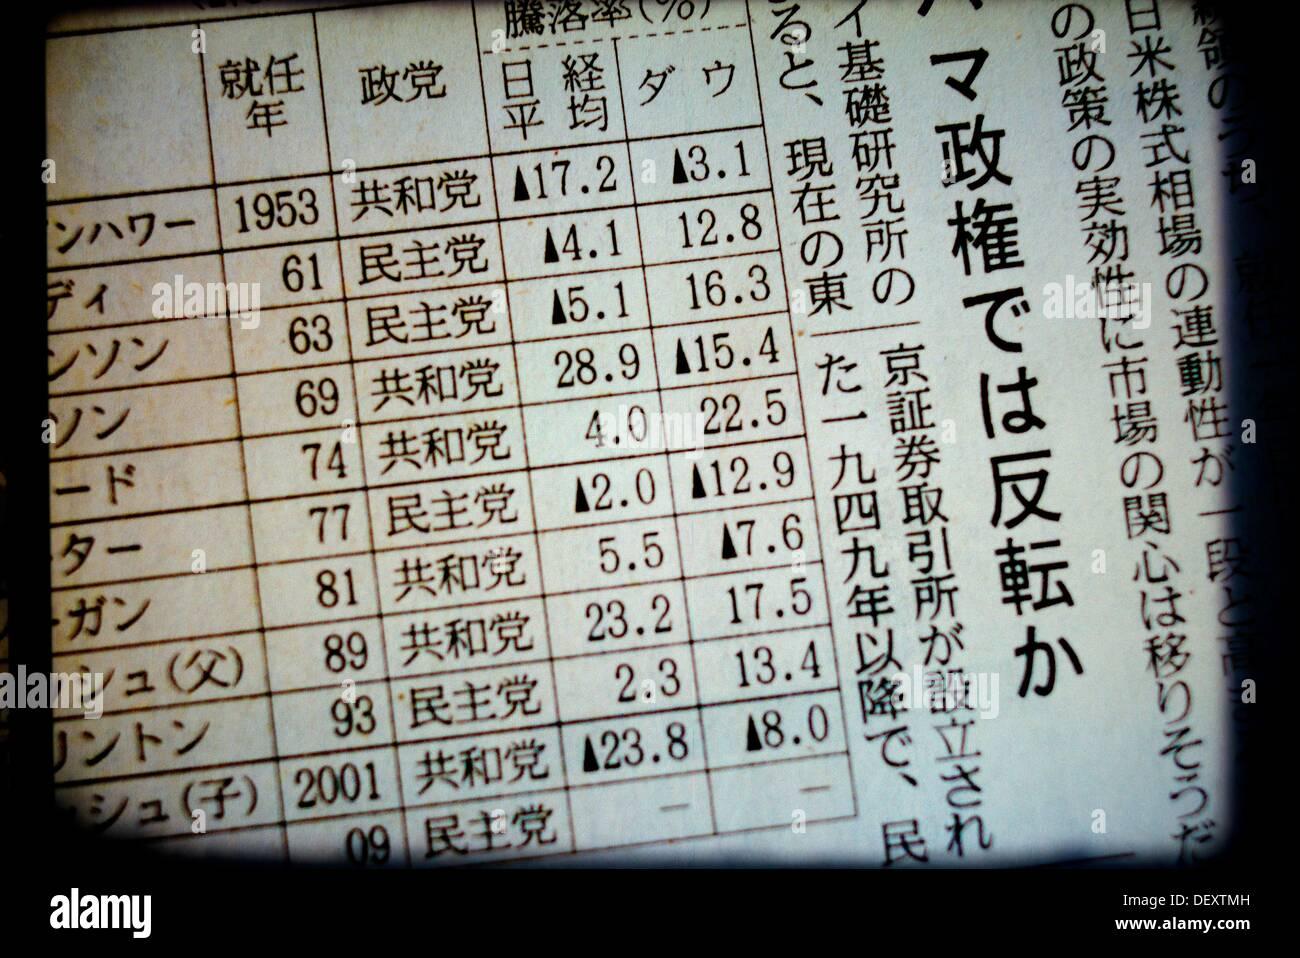 Chinesische Zeitung, Wirtschaft, Finanzen, Symbolik Stockbild